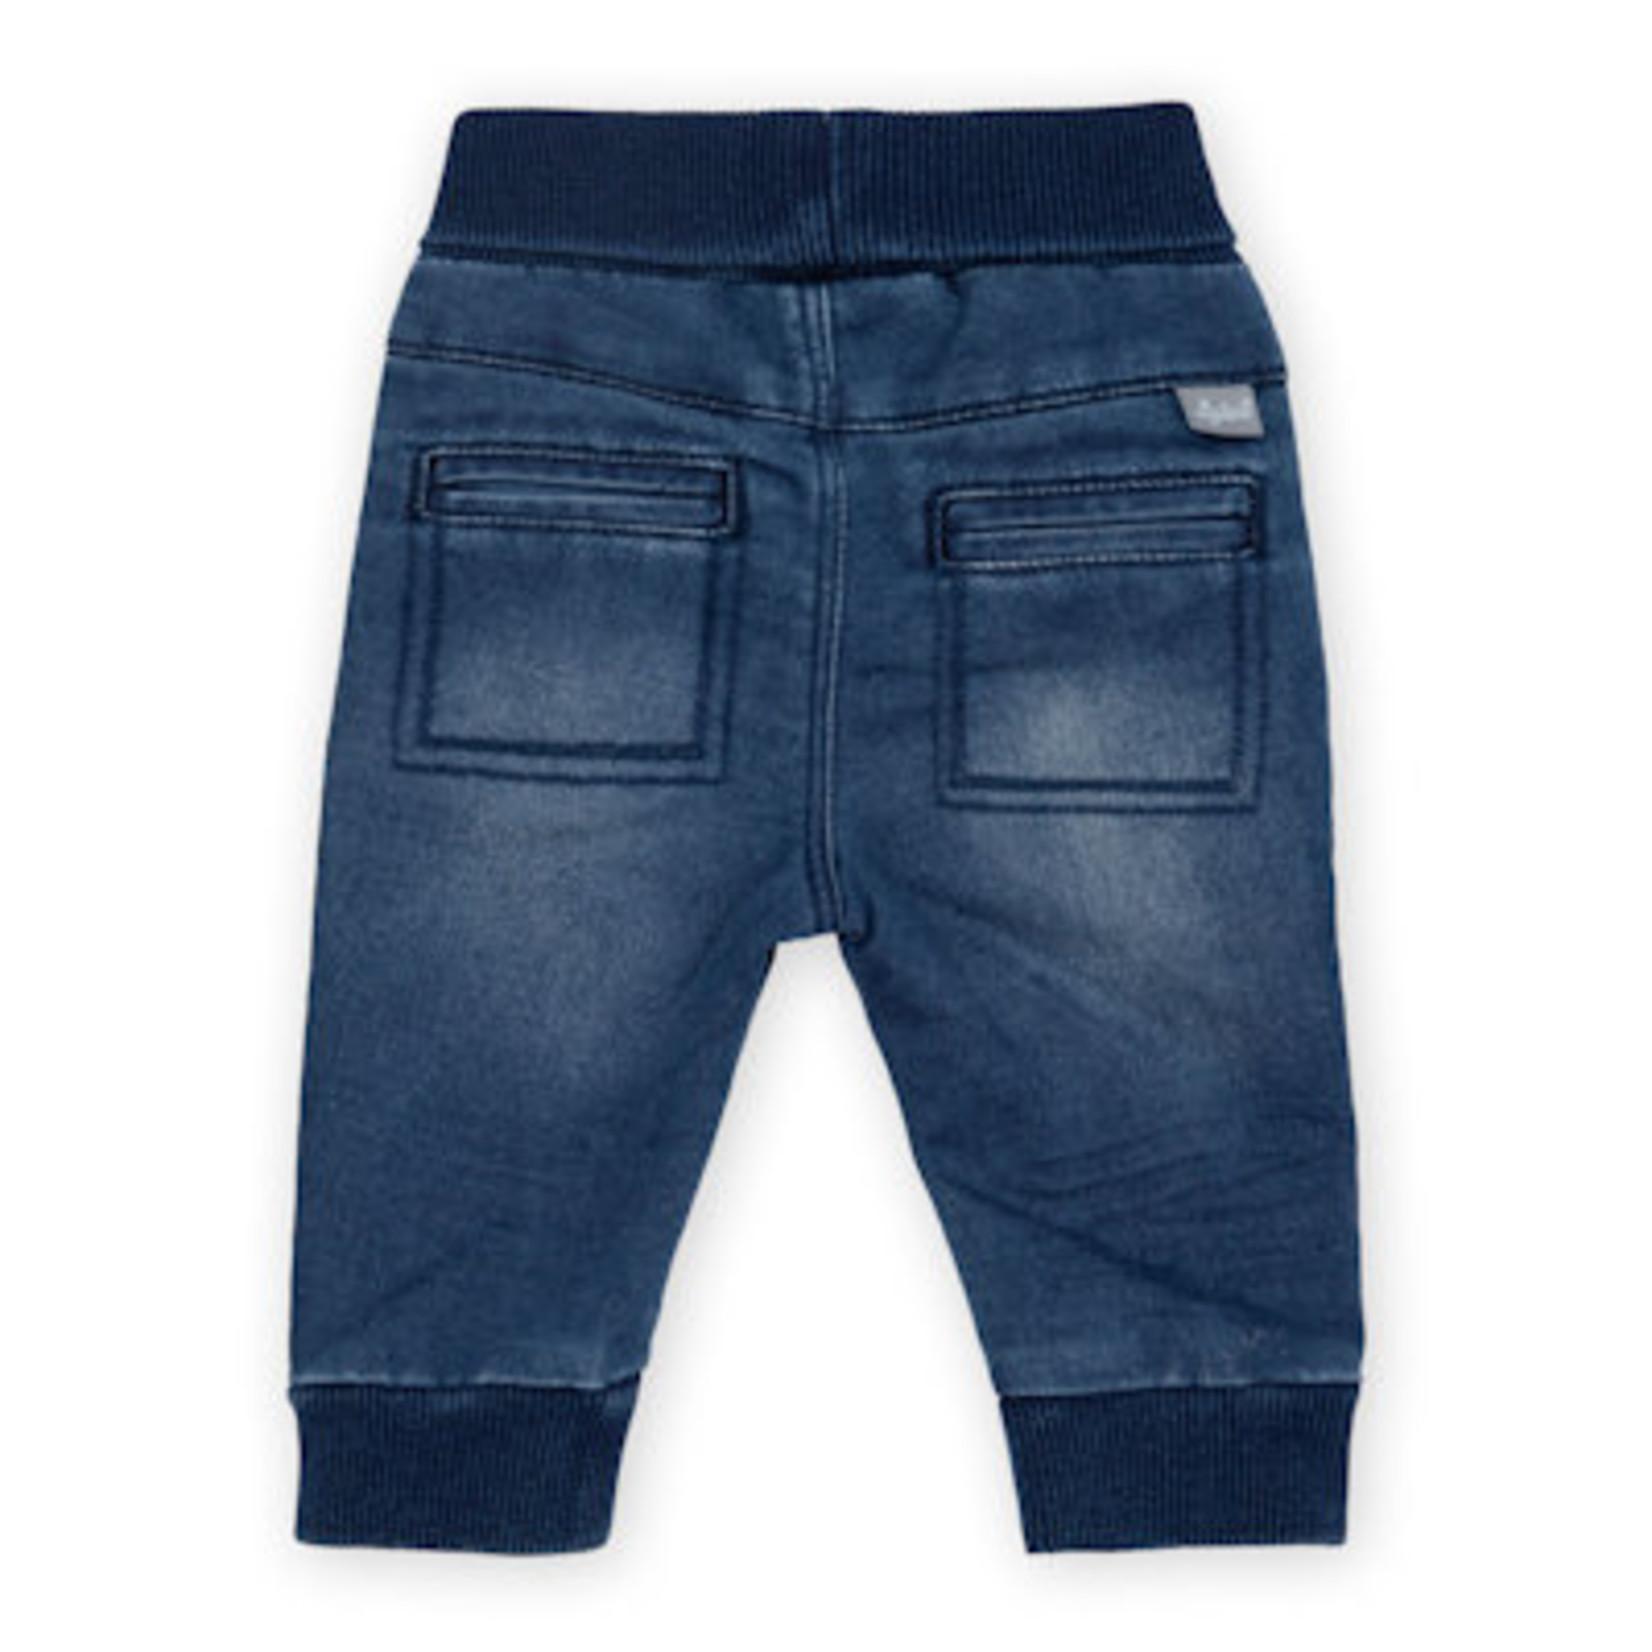 Sigikid Spijkerbroekje Baby met zachte boord, blauw